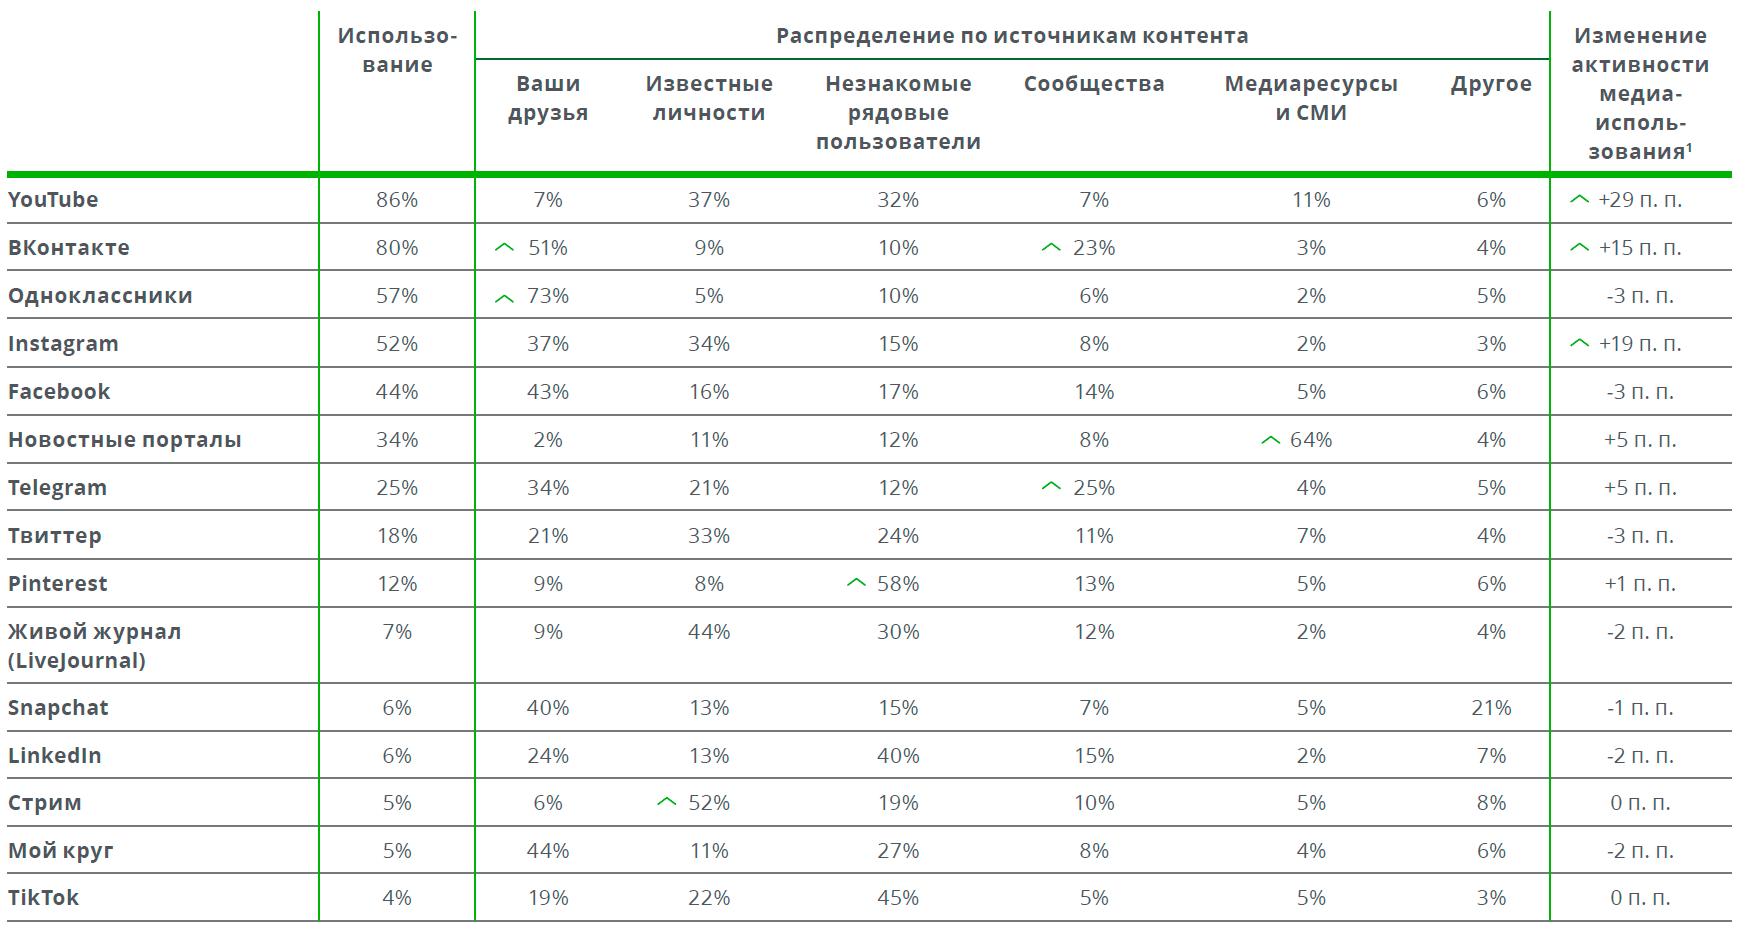 Россияне больше не доверяют ТВ, интернет вышел на 1-е место с большим отрывом - 5